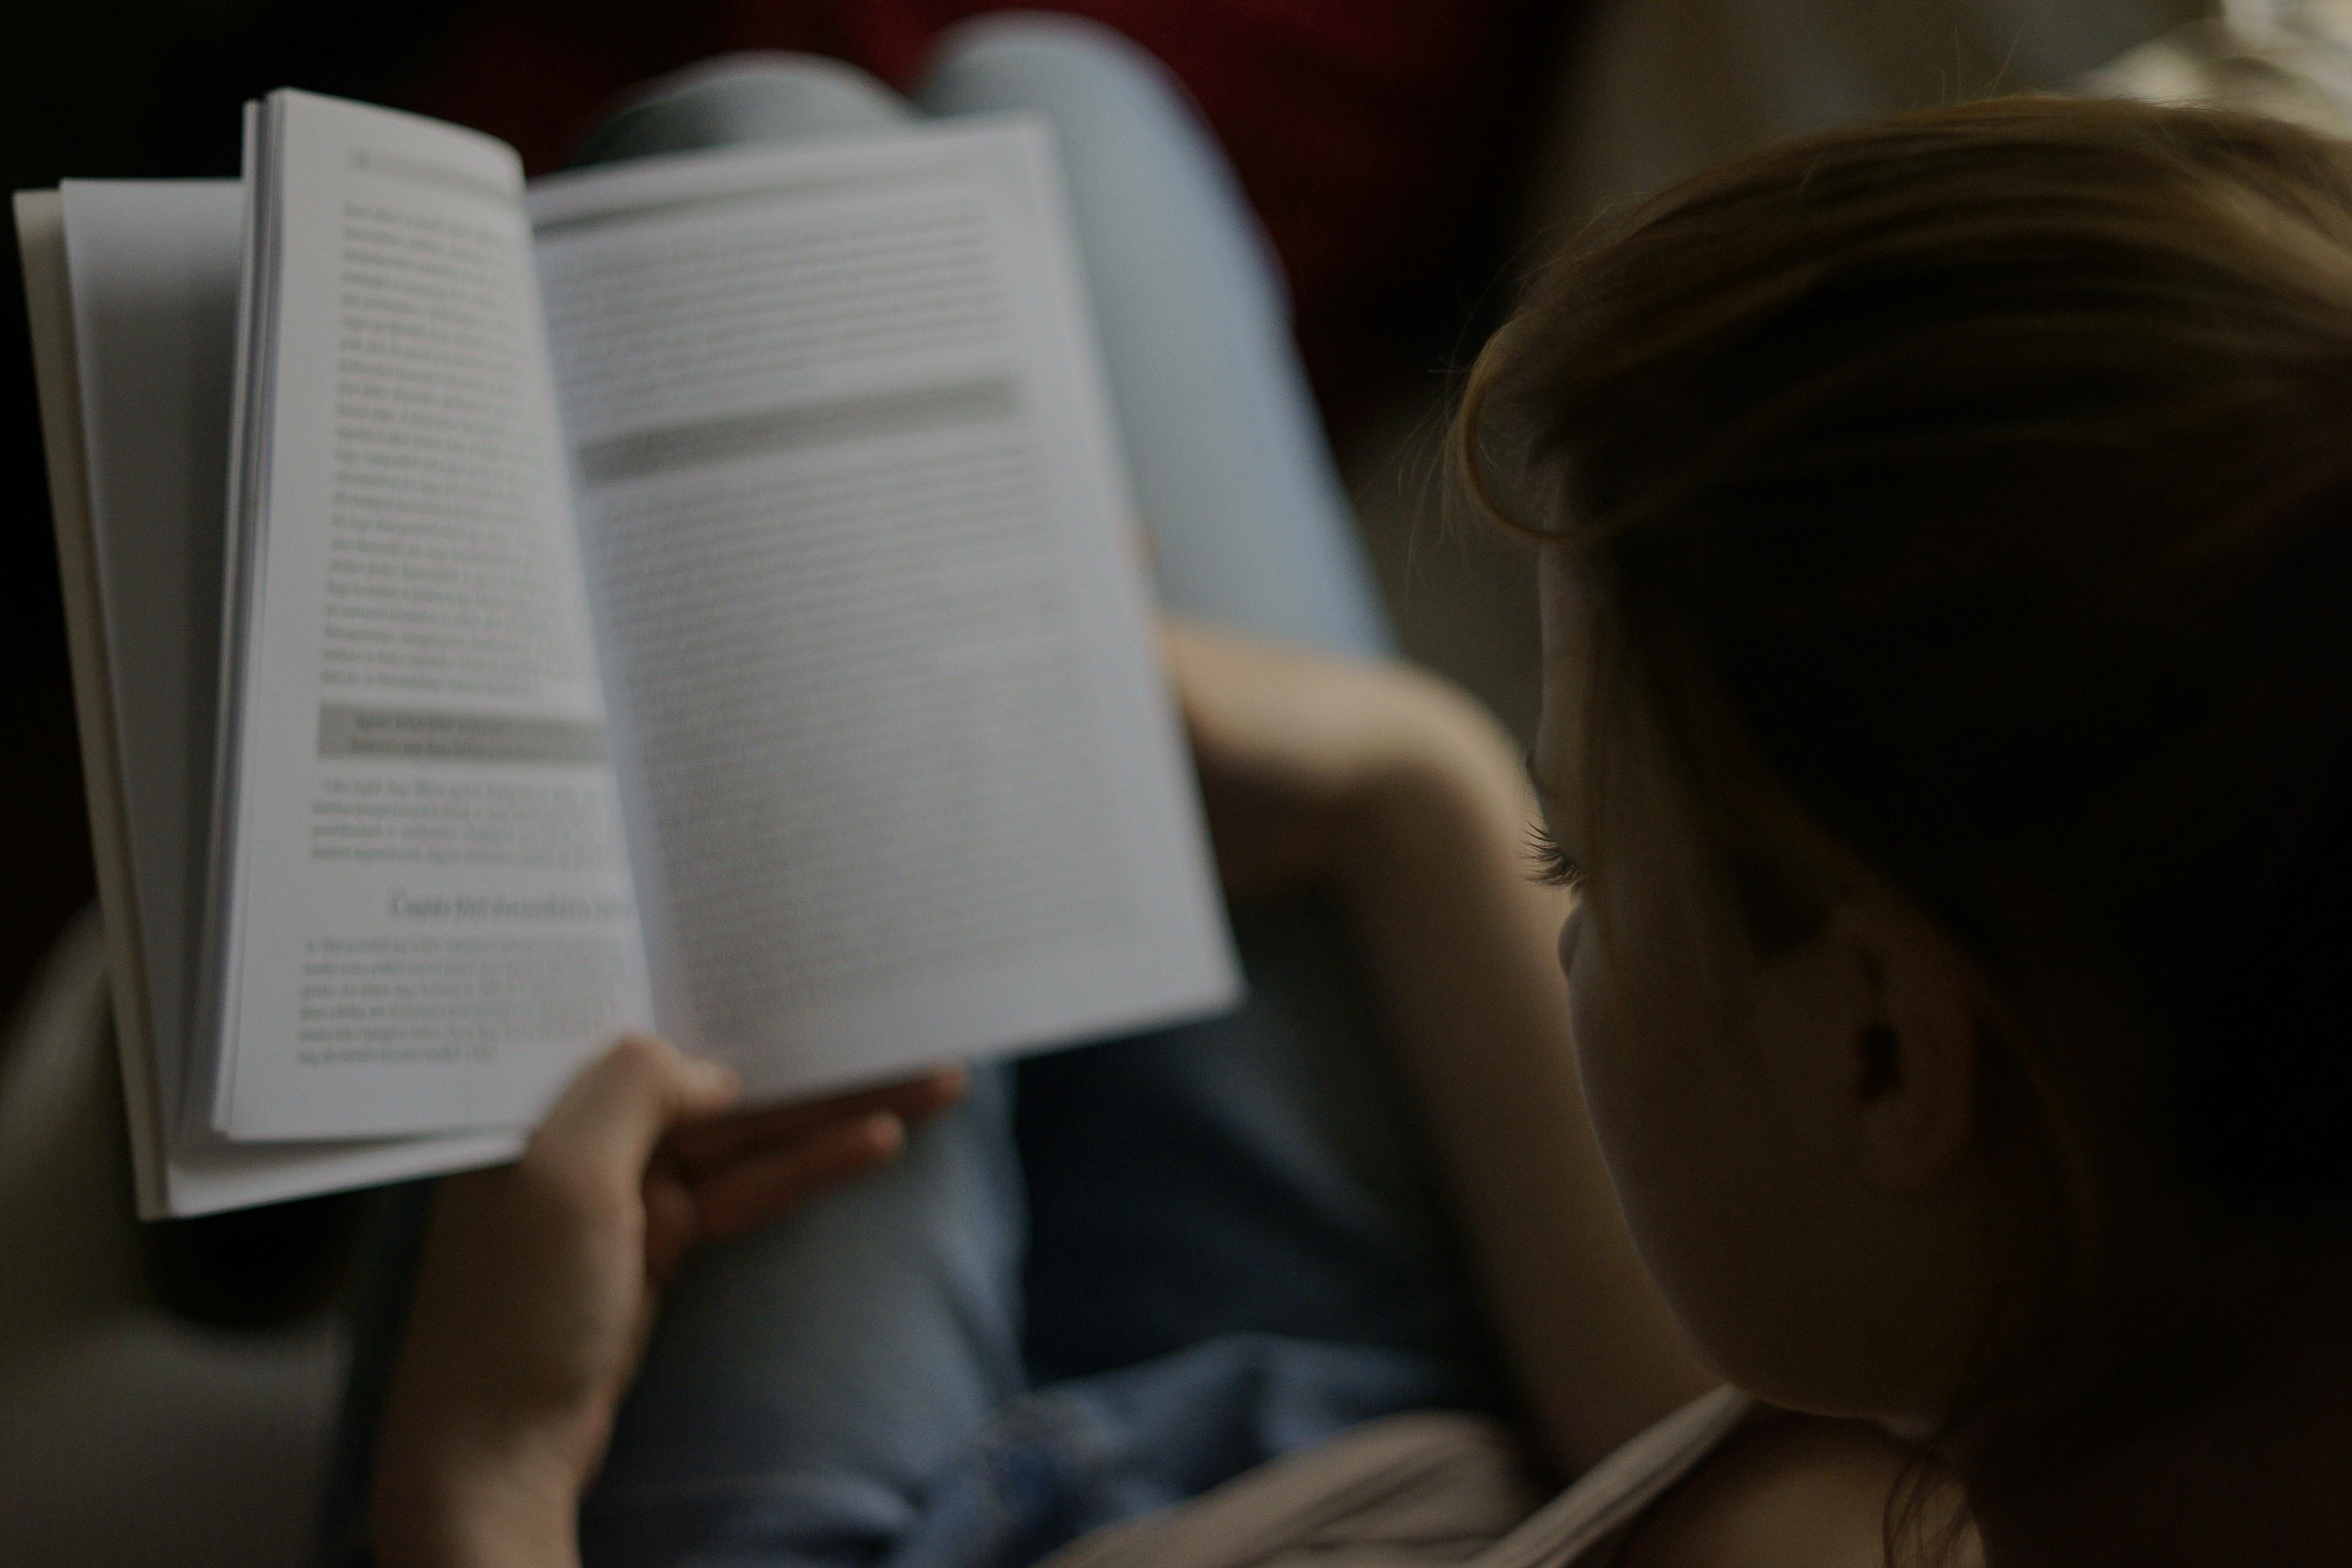 Scuola: riscopriamo la lettura, la protesta è quella scritta